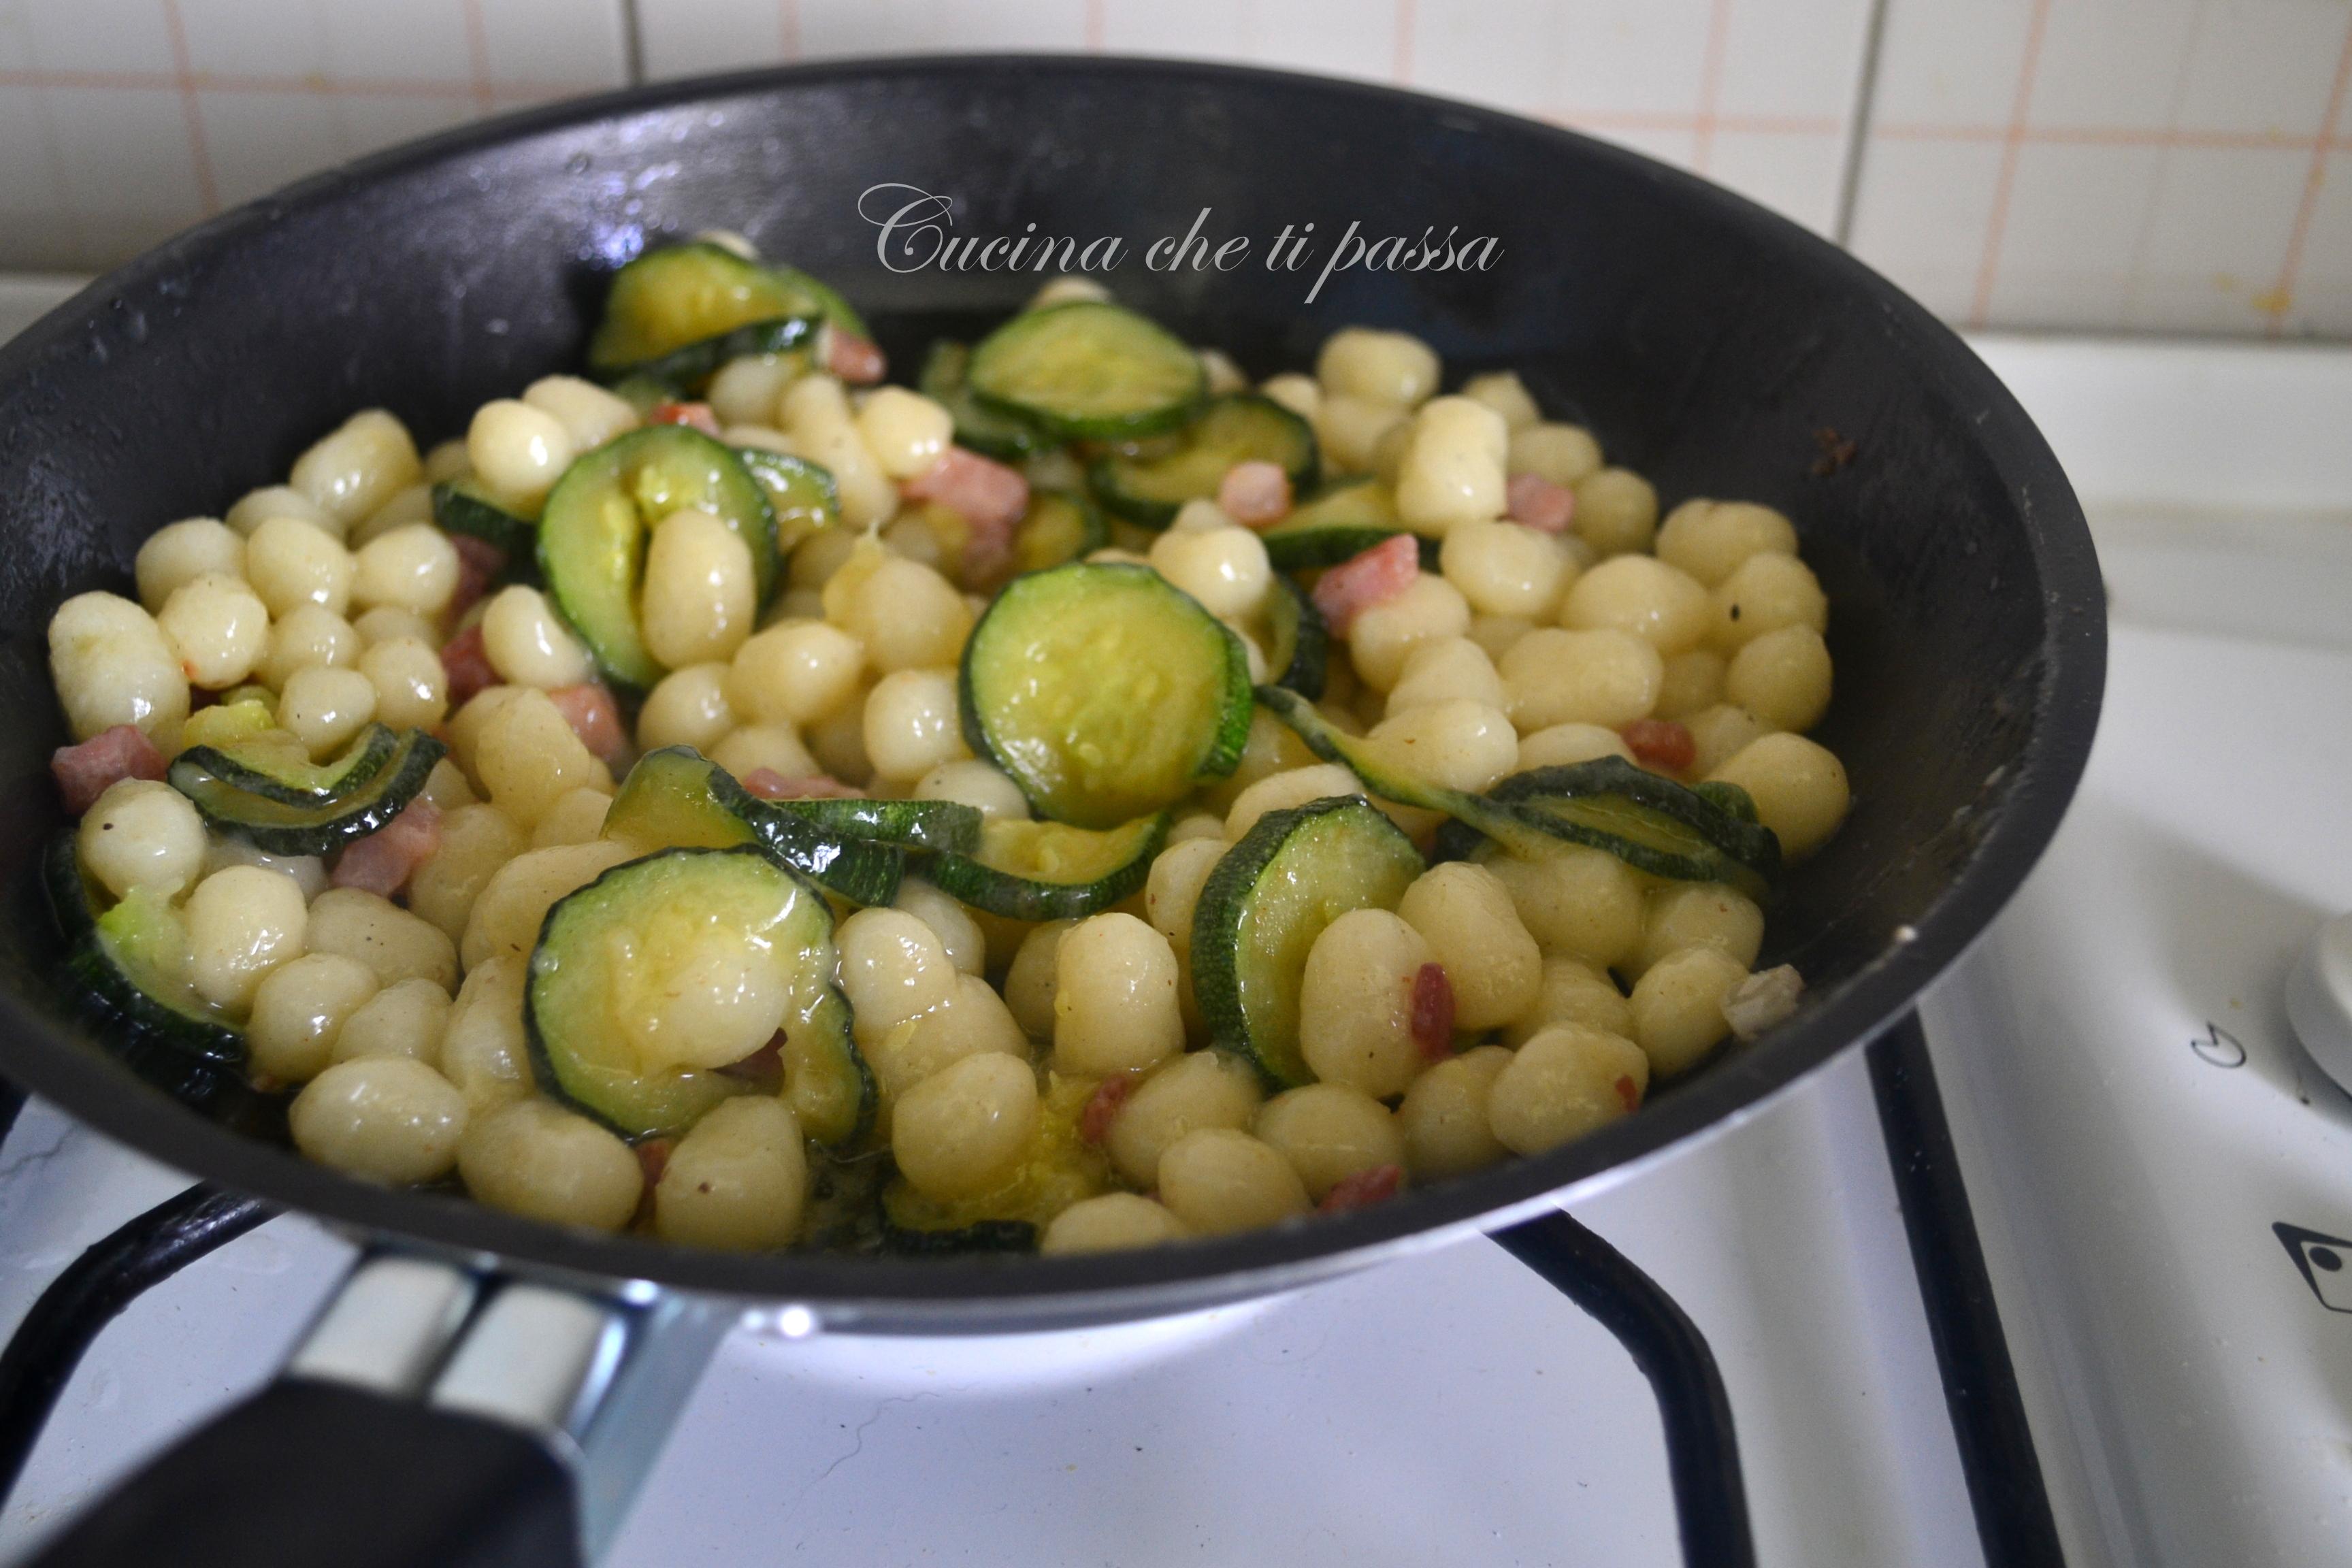 Gnocchi al burro con pancetta e zucchine